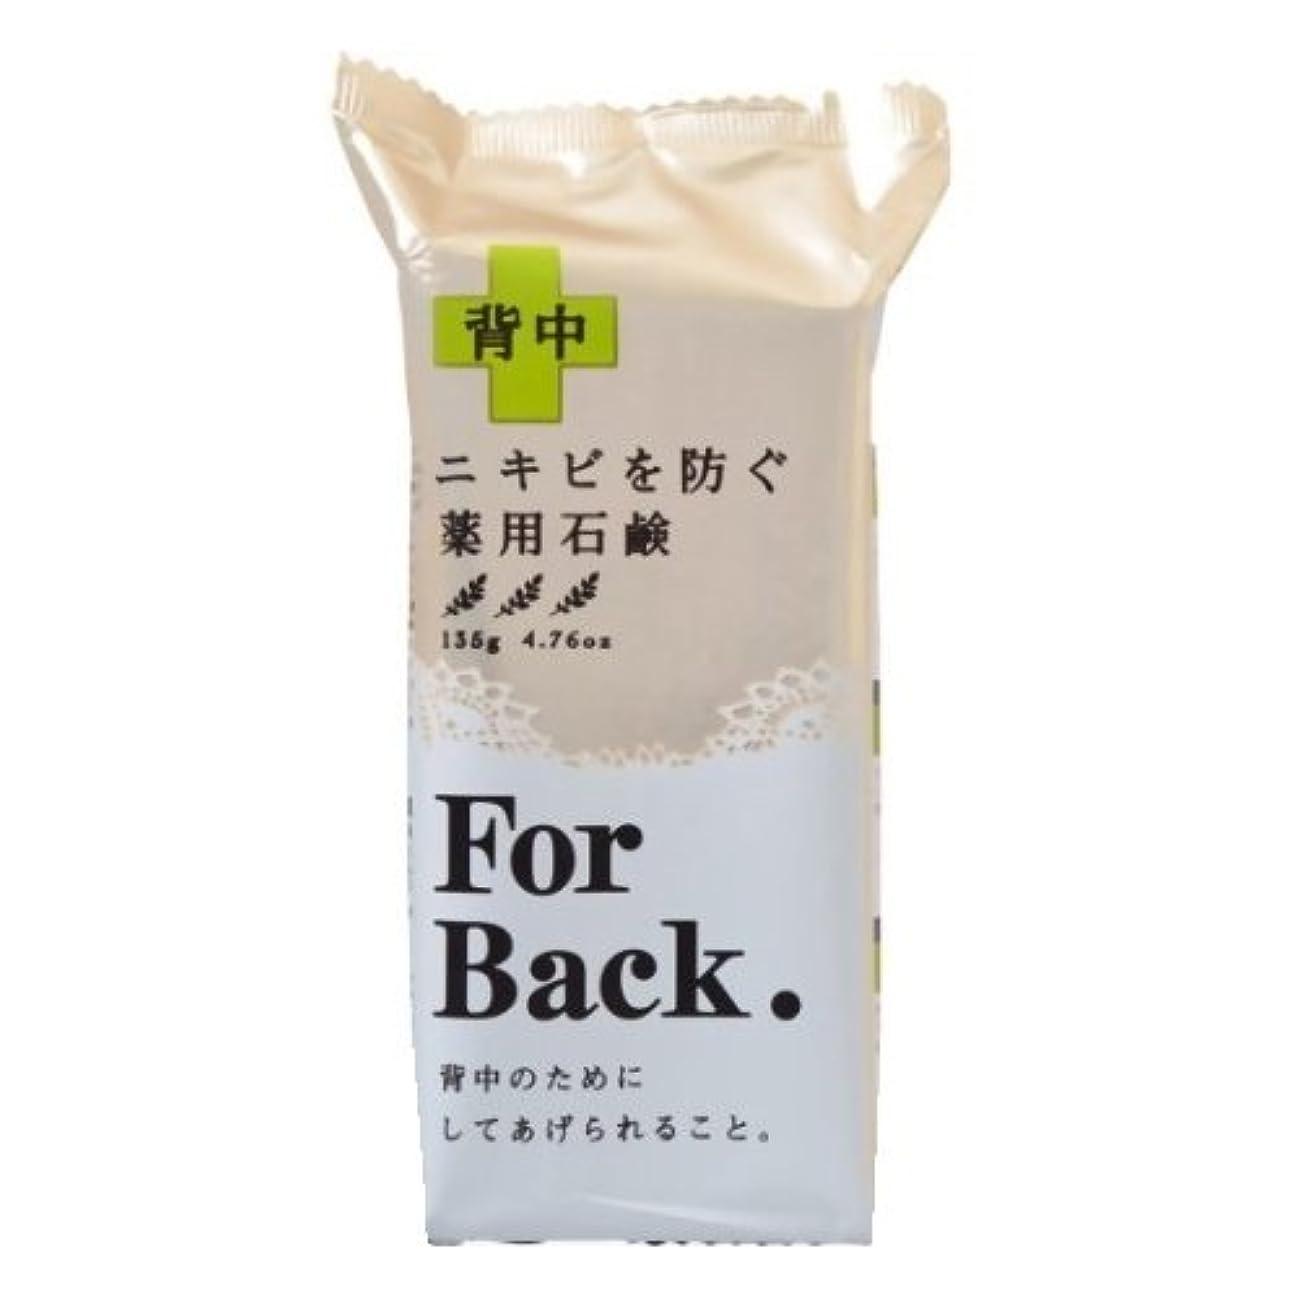 聴衆乳白スパーク薬用石鹸ForBack 135g